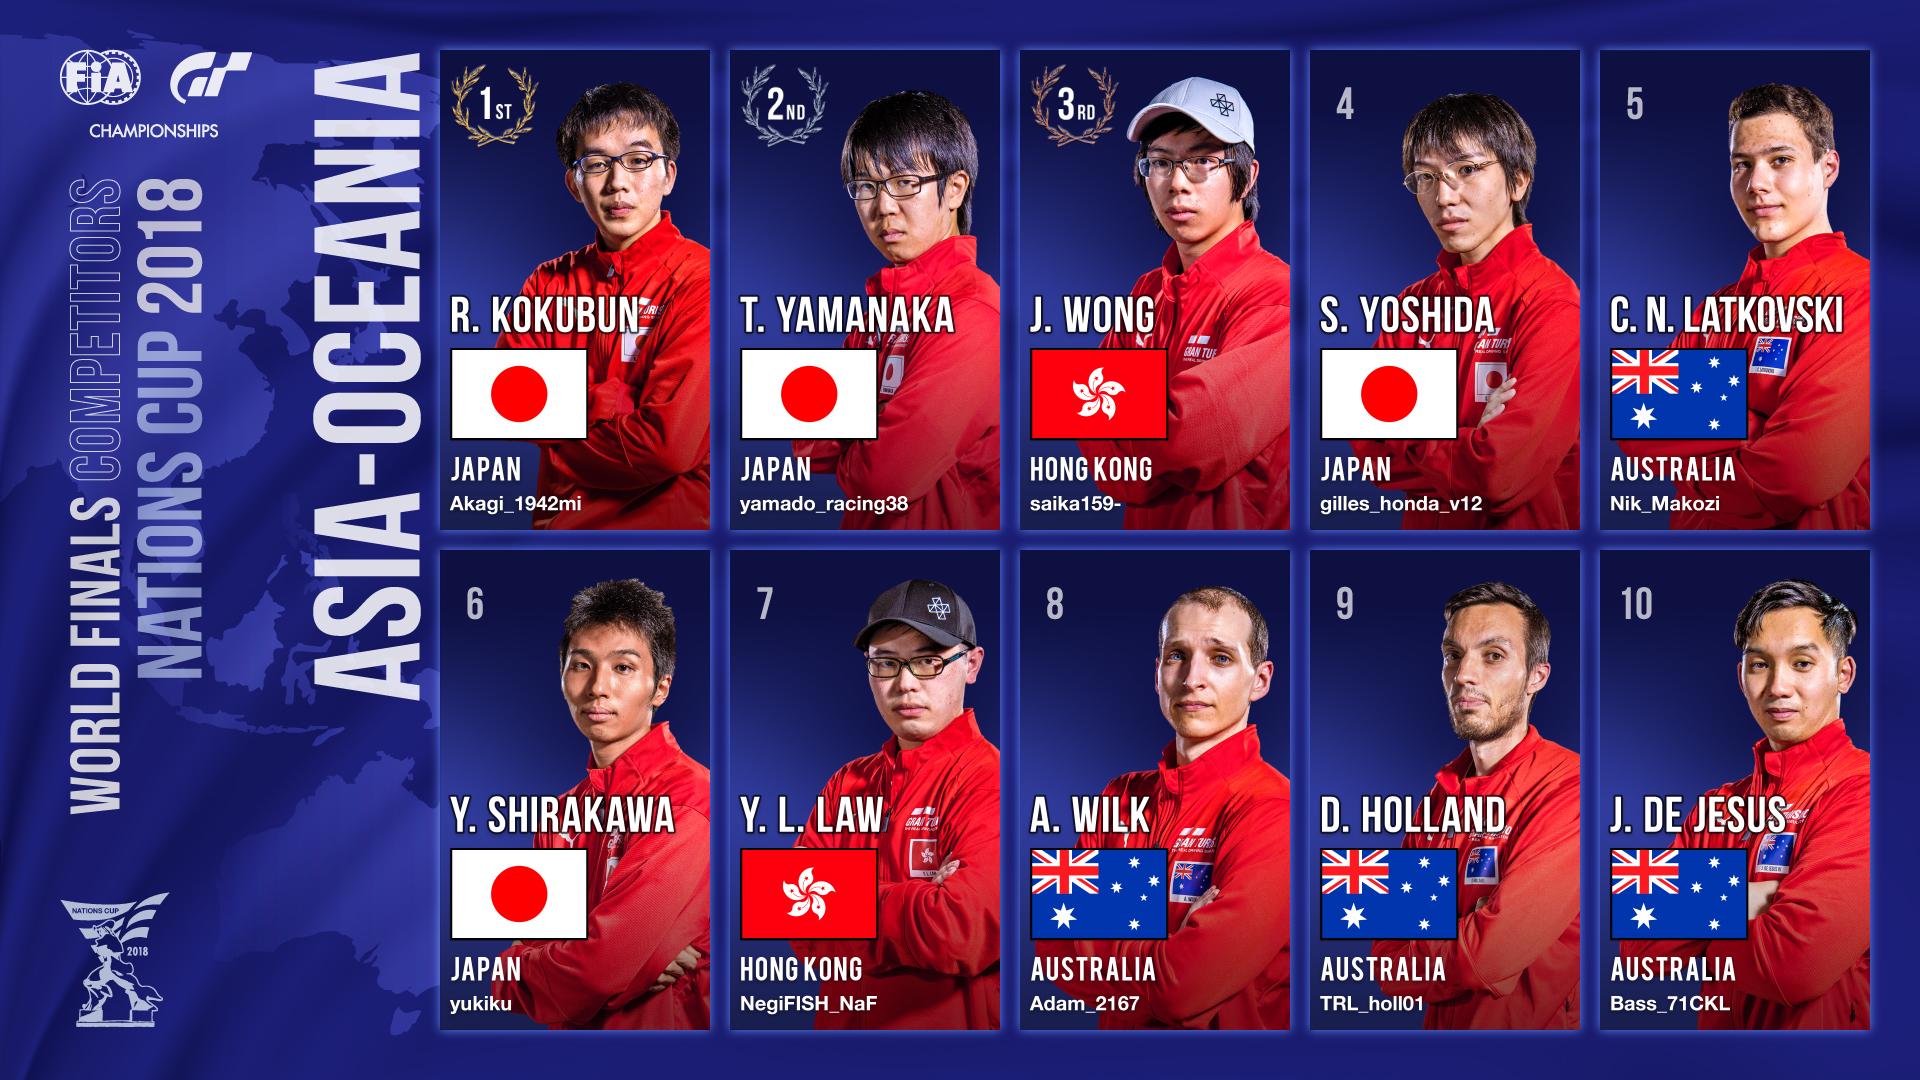 アジア・オセアニア参加選手